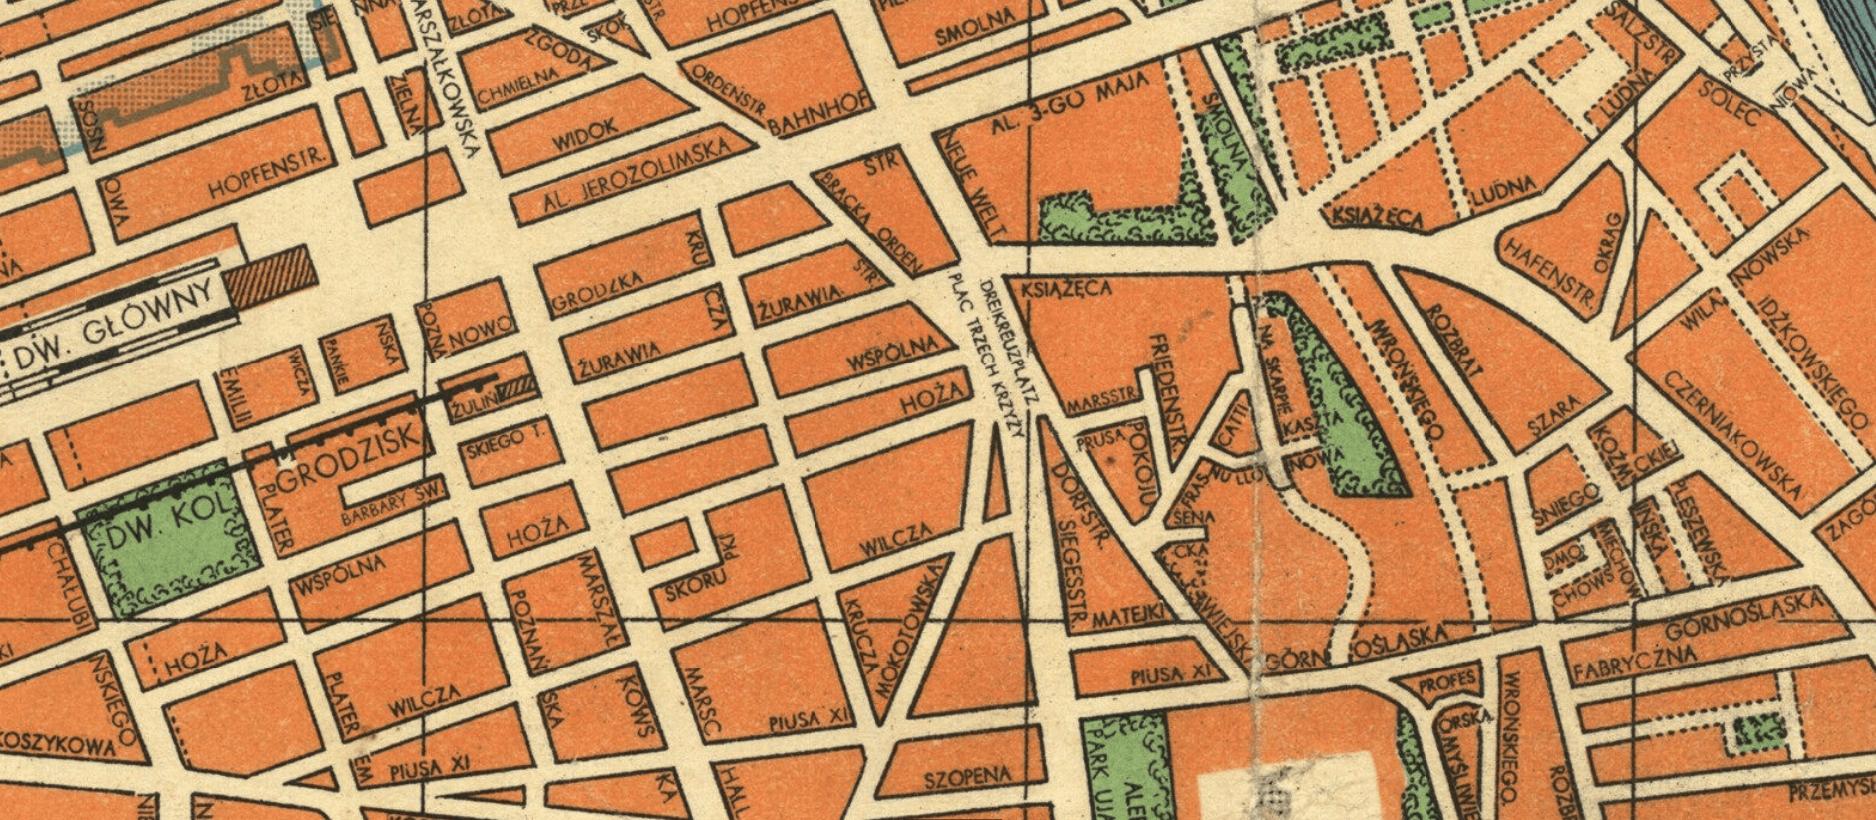 Fragment niemieckiego planu Warszawy z 1941 r., widoczny pl. Trzech Krzyży (niem. Dreikreutzplatz). Fot. Biblioteka Narodowa (Polona); domena publiczna